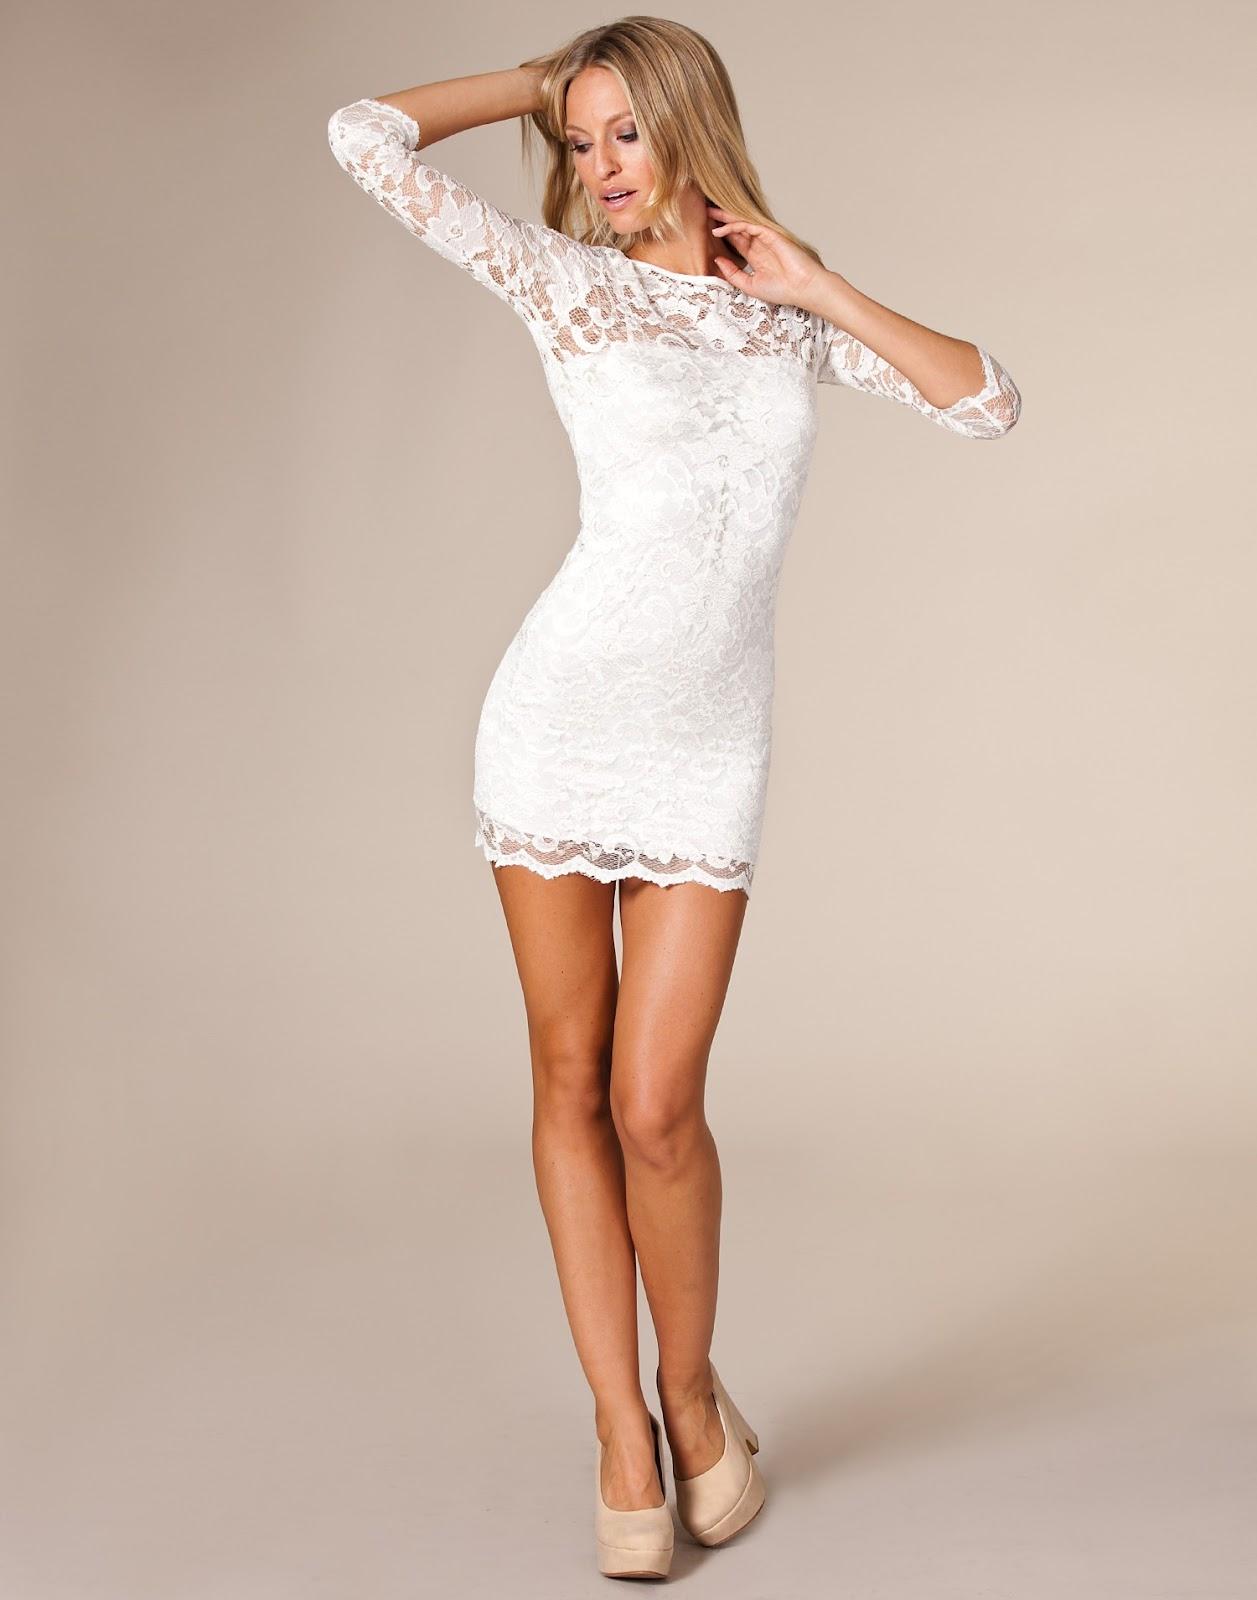 Zapatos para vestido blanco de encaje